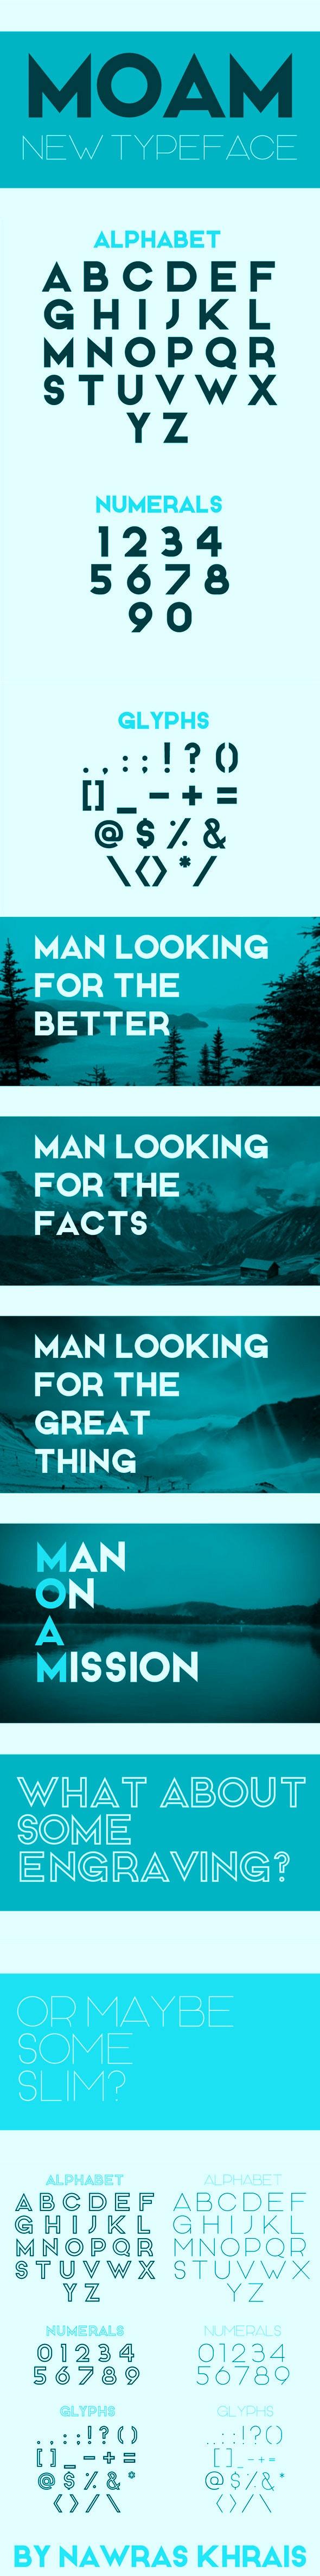 MOAM Typeface - Fonts